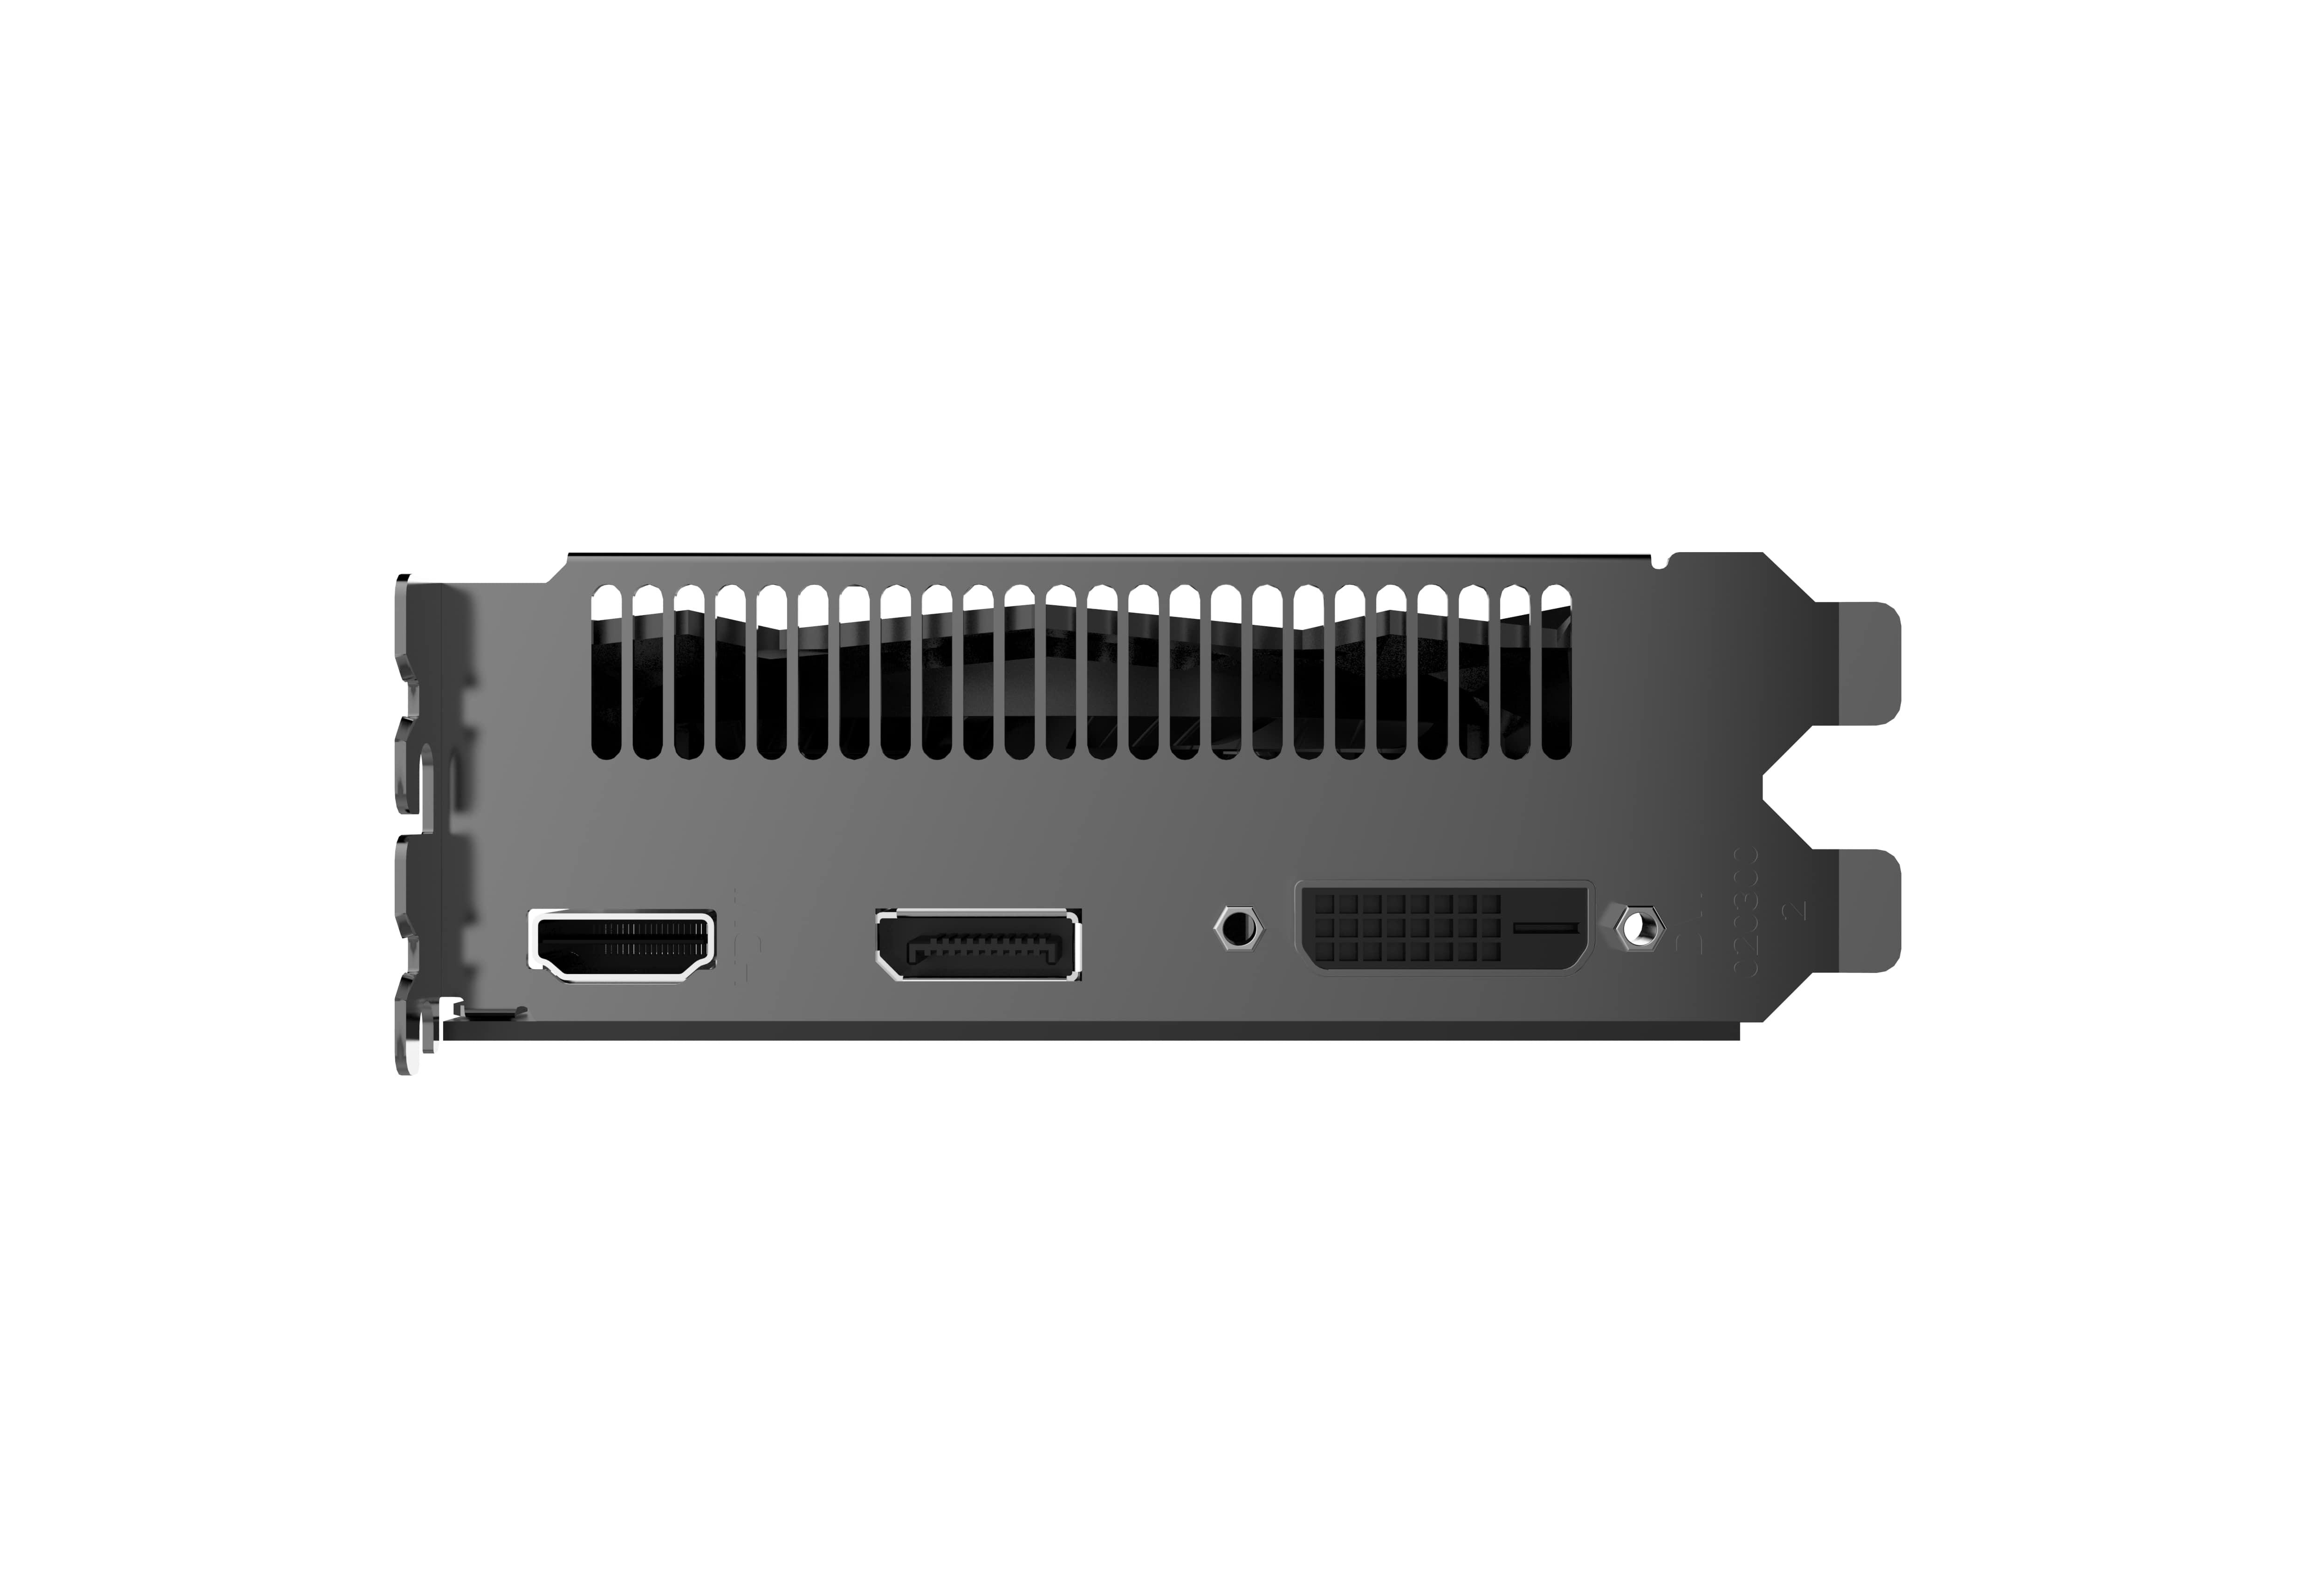 ZT-T16500F-10L_3Dimage_03